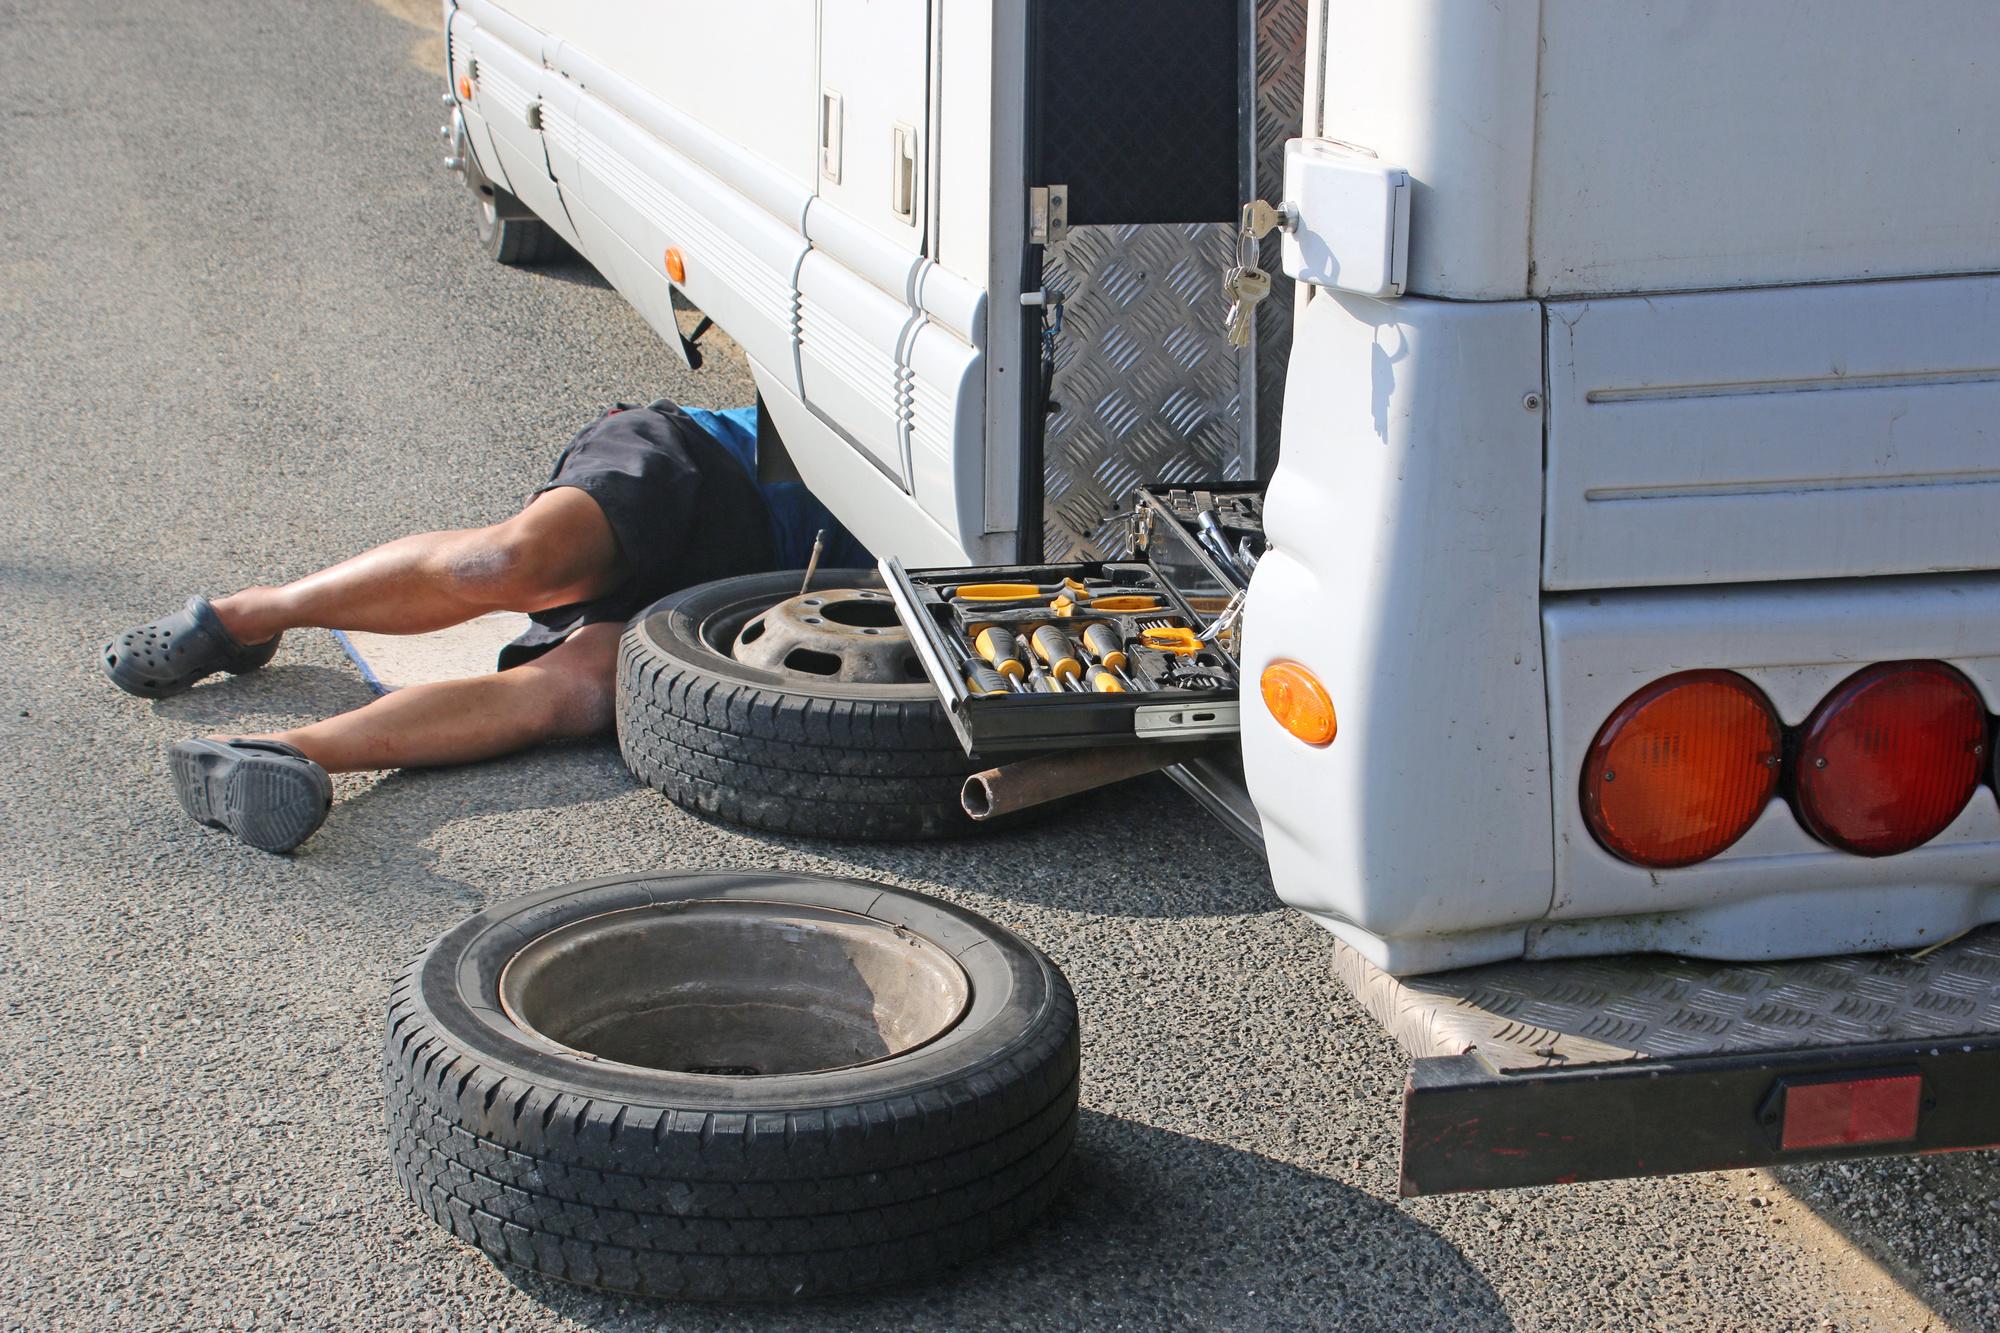 man repairing RV